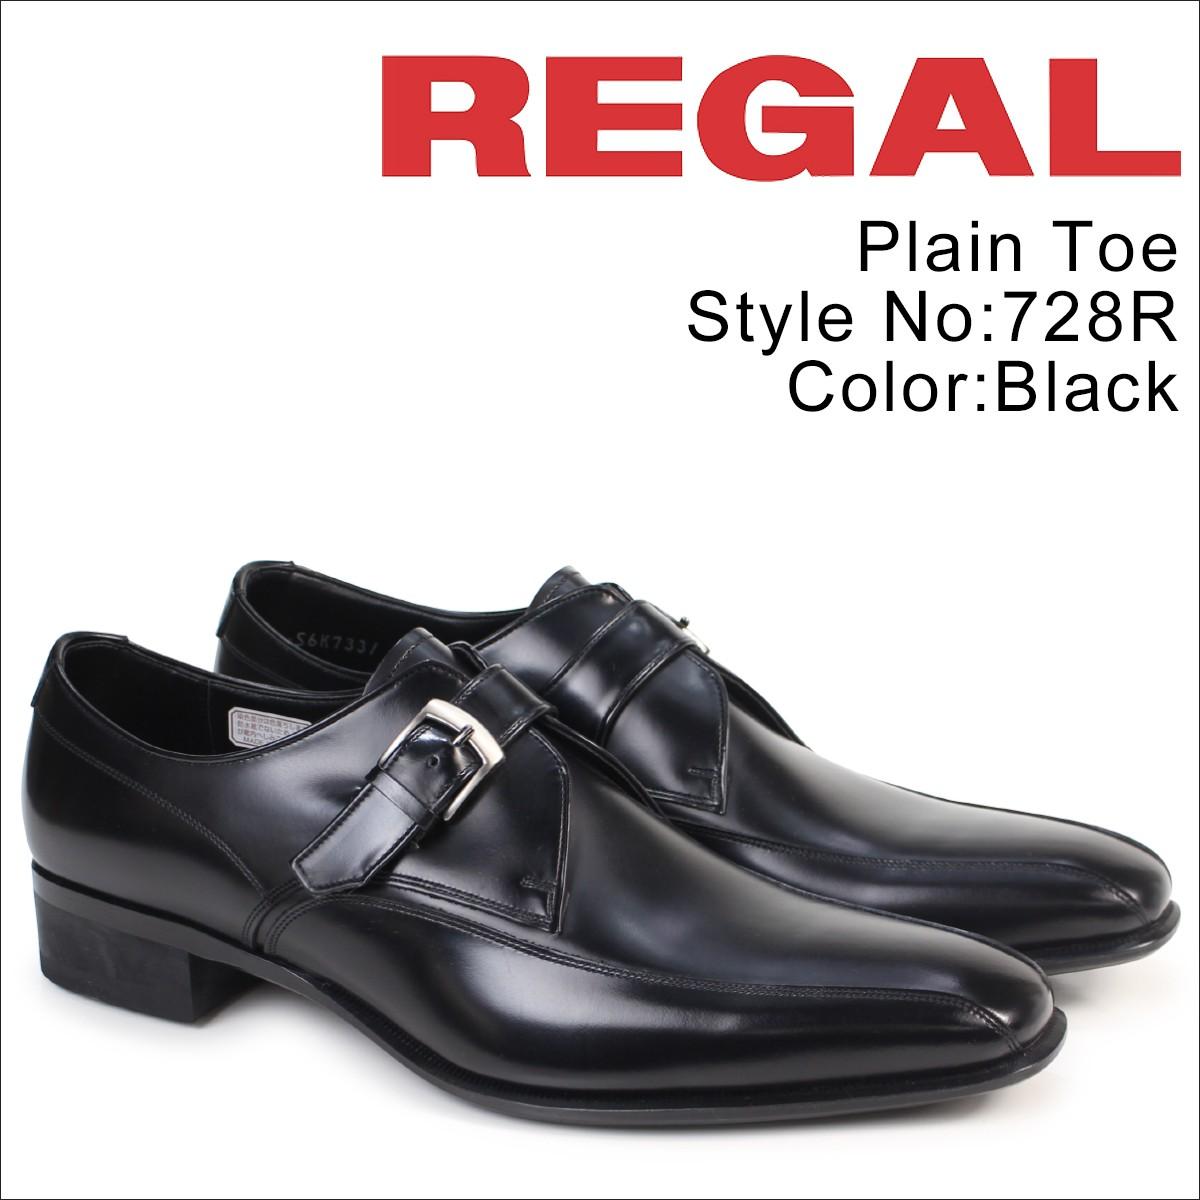 リーガル 靴 メンズ REGAL スワールモンク 728RAL モンクストラップ ビジネスシューズ ロングノーズ 日本製 ブラック [12/21 追加入荷]